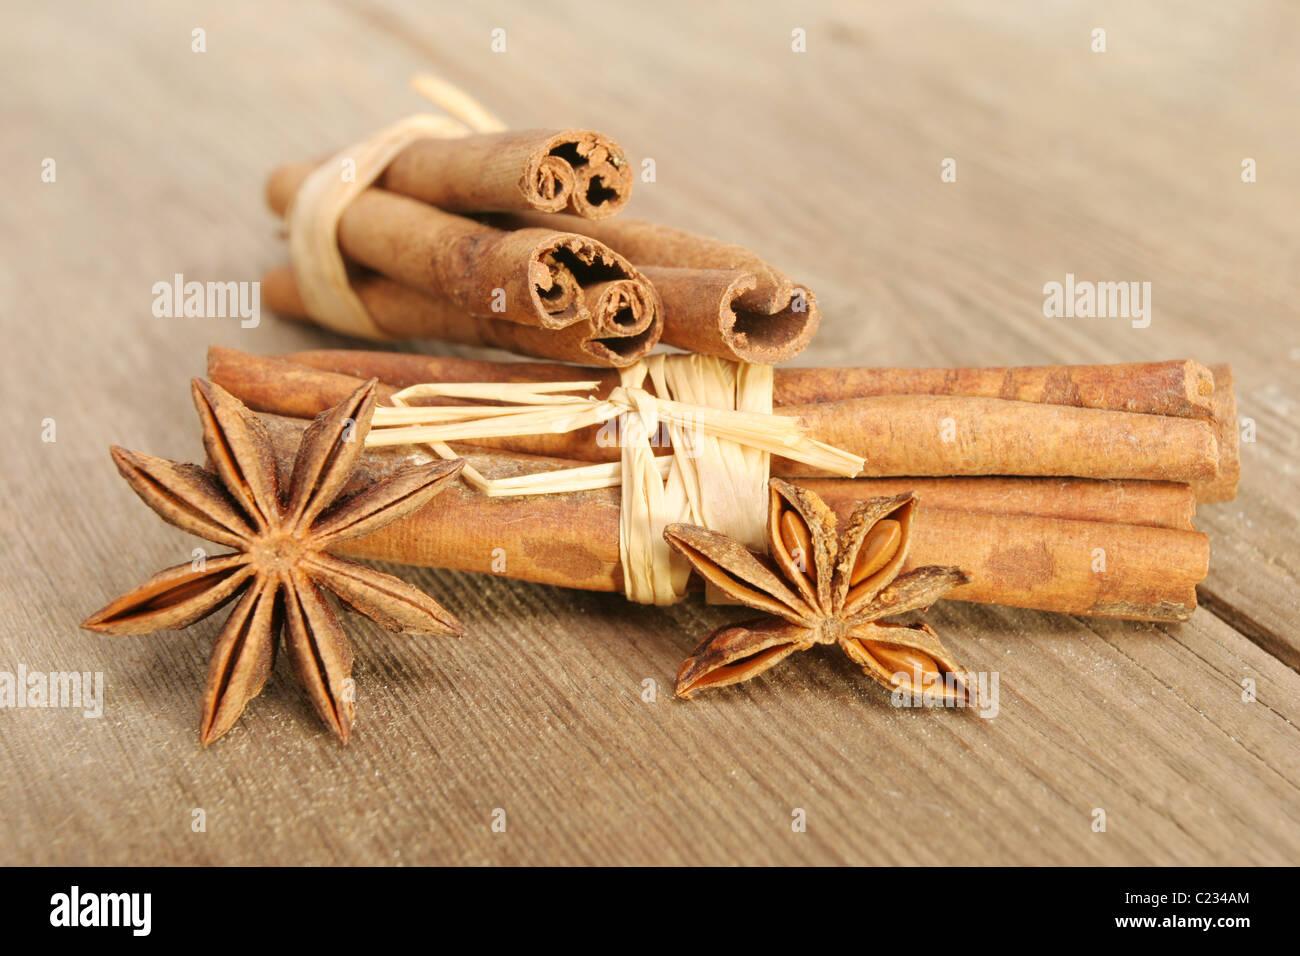 Zimt und Sternanis Gewürze auf alten verwitterten und Holz mit flachen Tiefenschärfe geknackt Stockbild